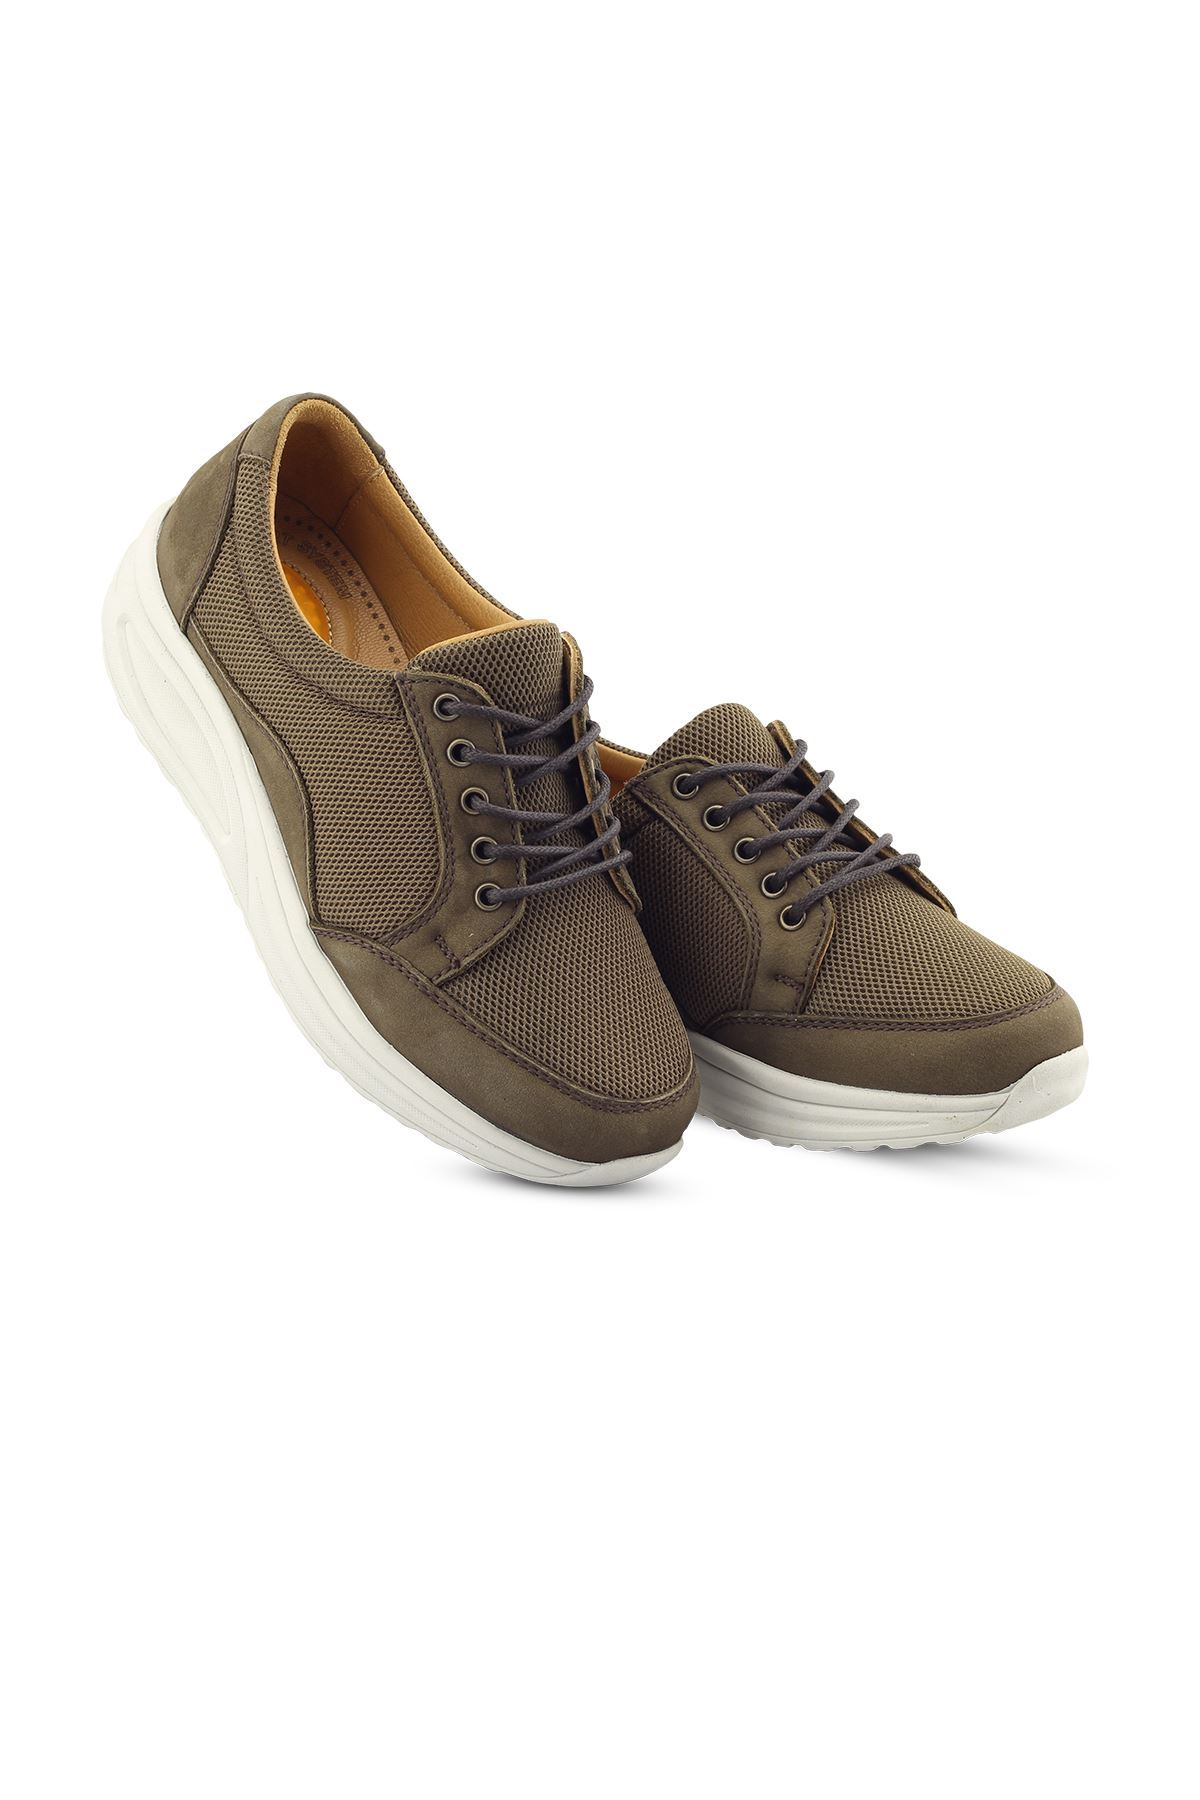 756 Nubuk Haki Kadın Yürüyüş Ayakkabısı